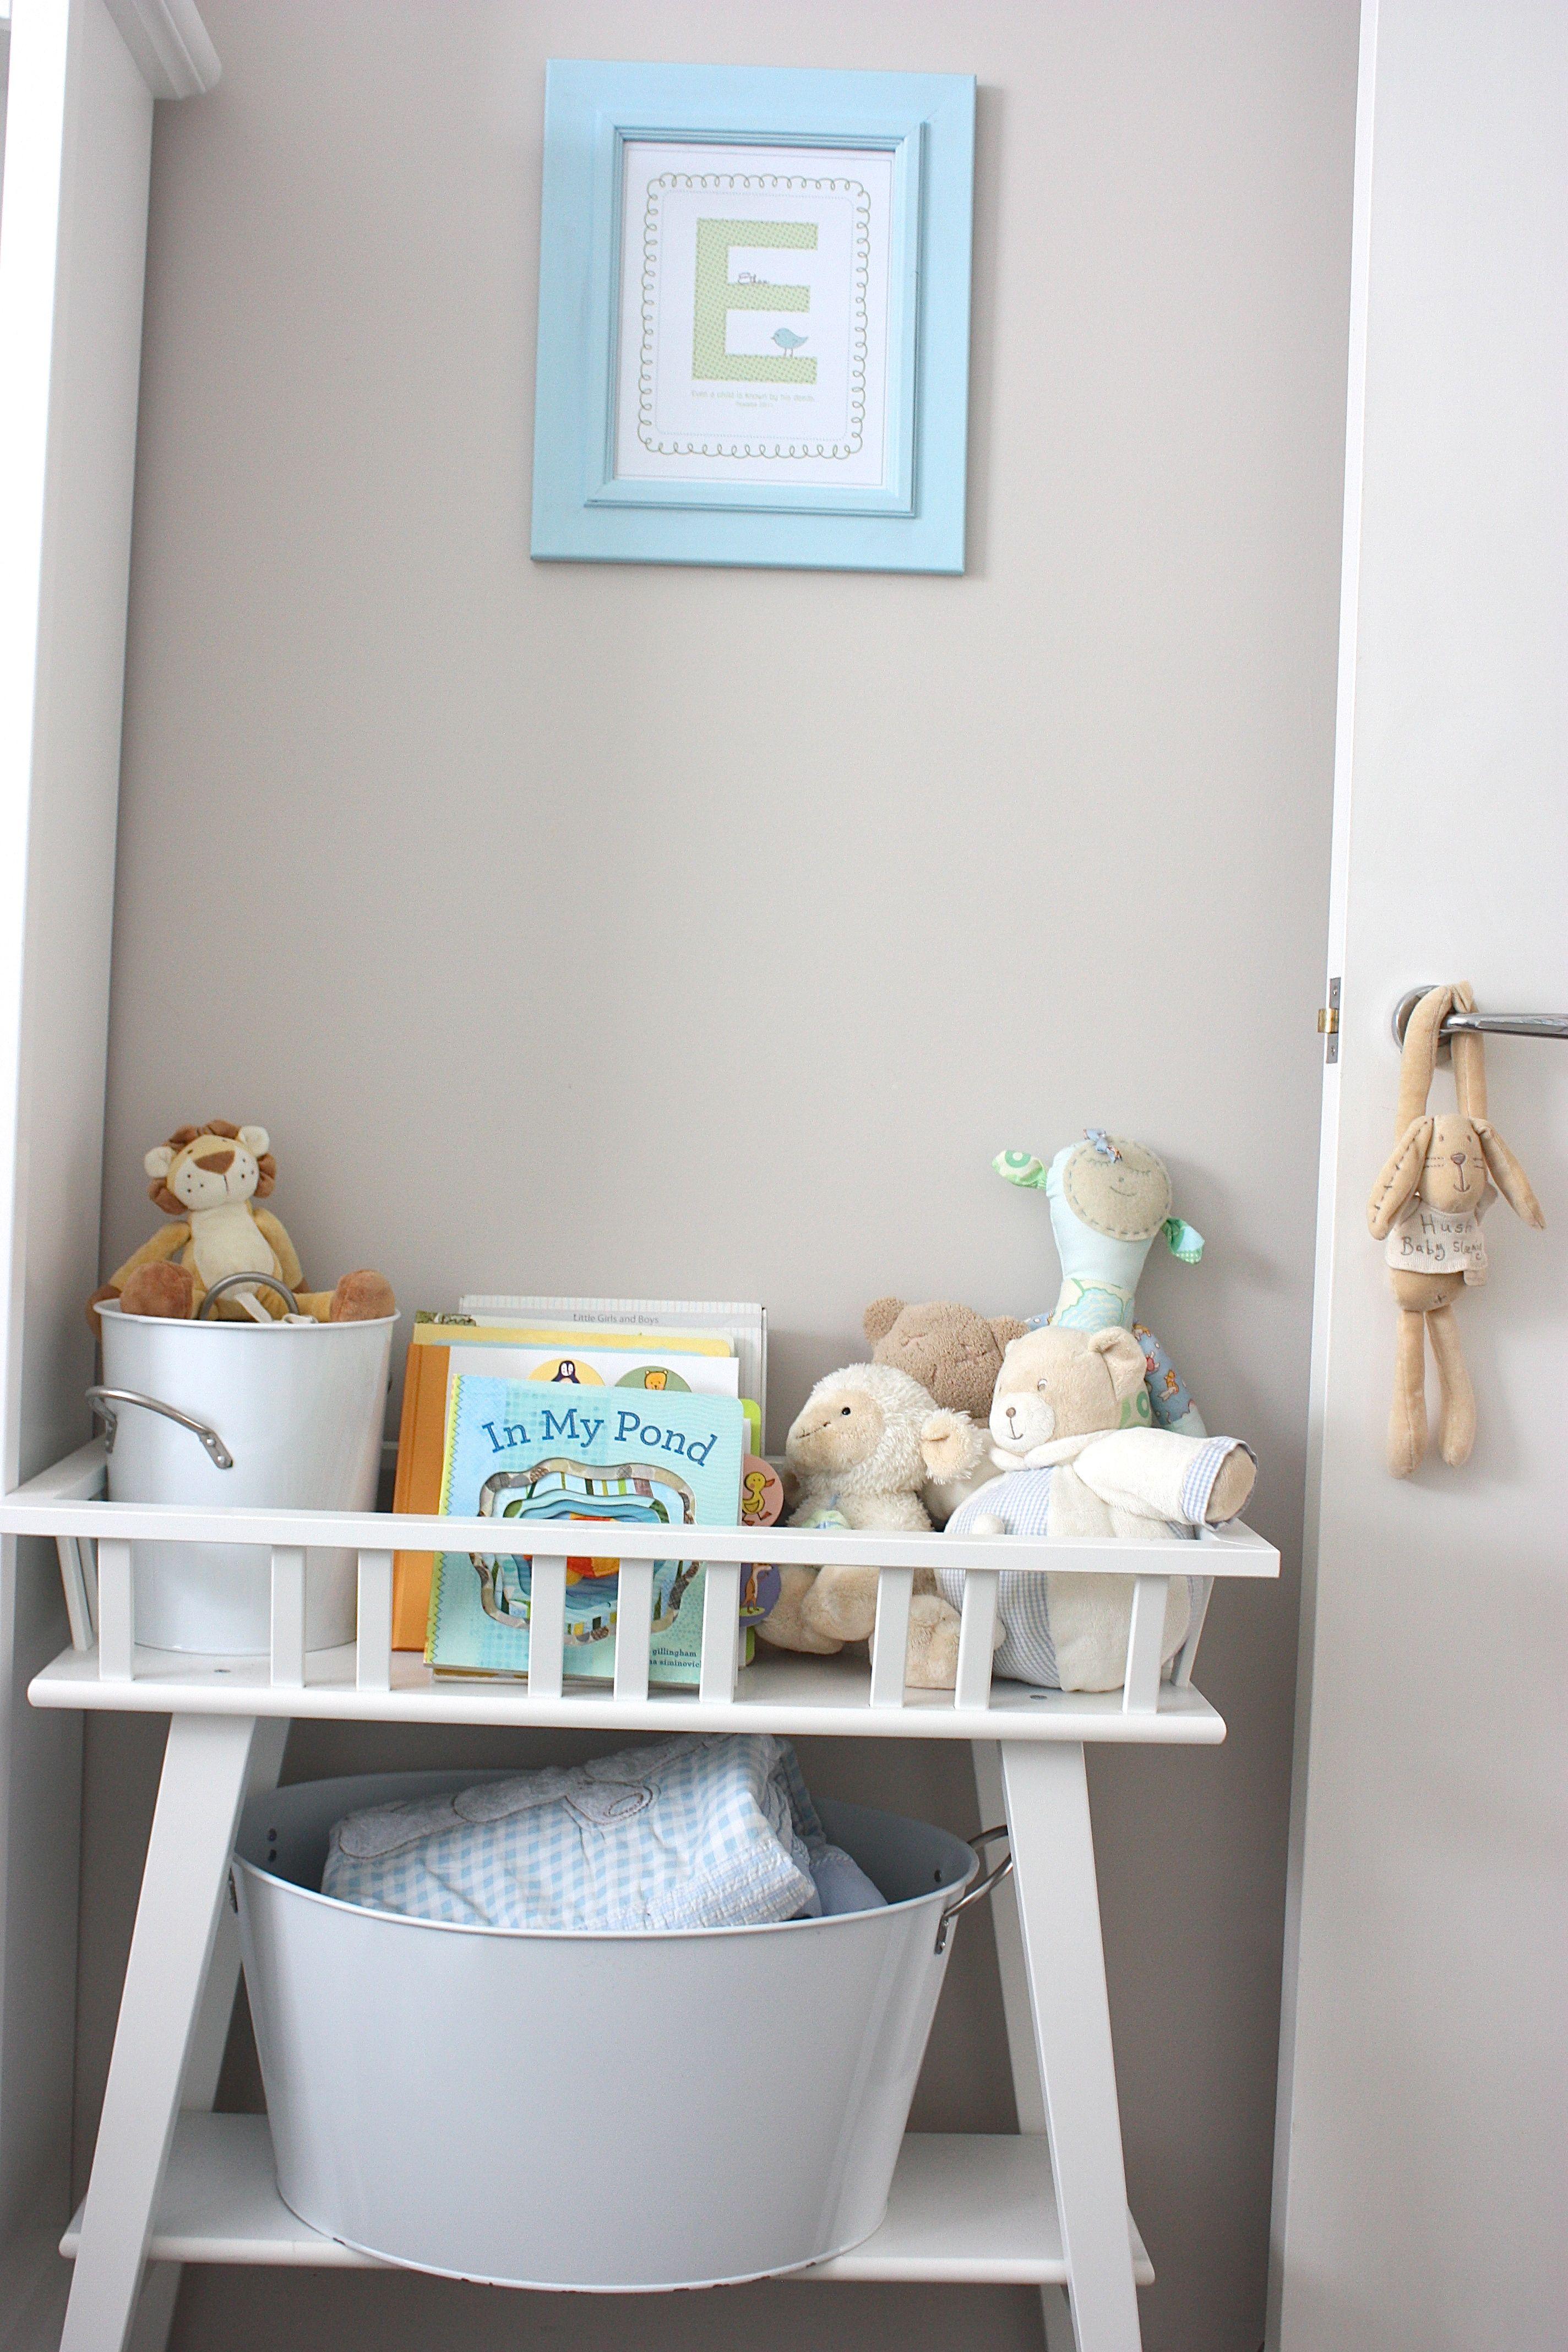 Lantliv stand from ikea for books and toys for Decorazioni stanza neonato